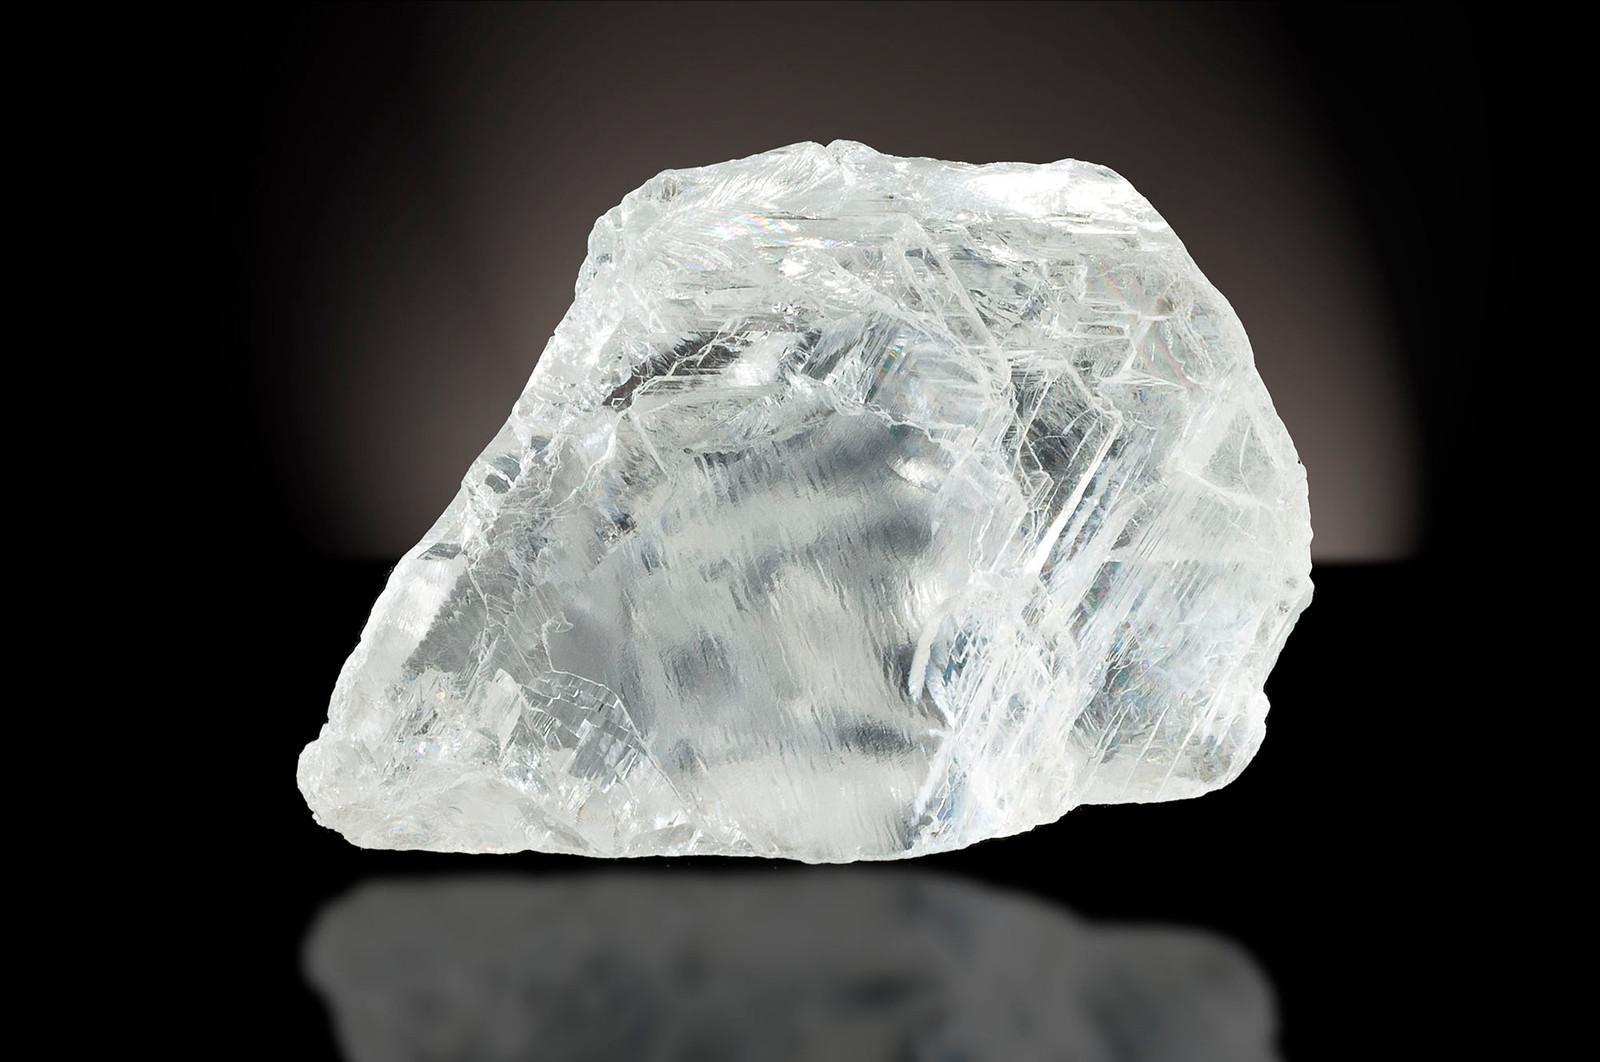 Алмаз - БОГ/ БОГИНЯ/ ВСЁ ЧТО ЕСТЬ